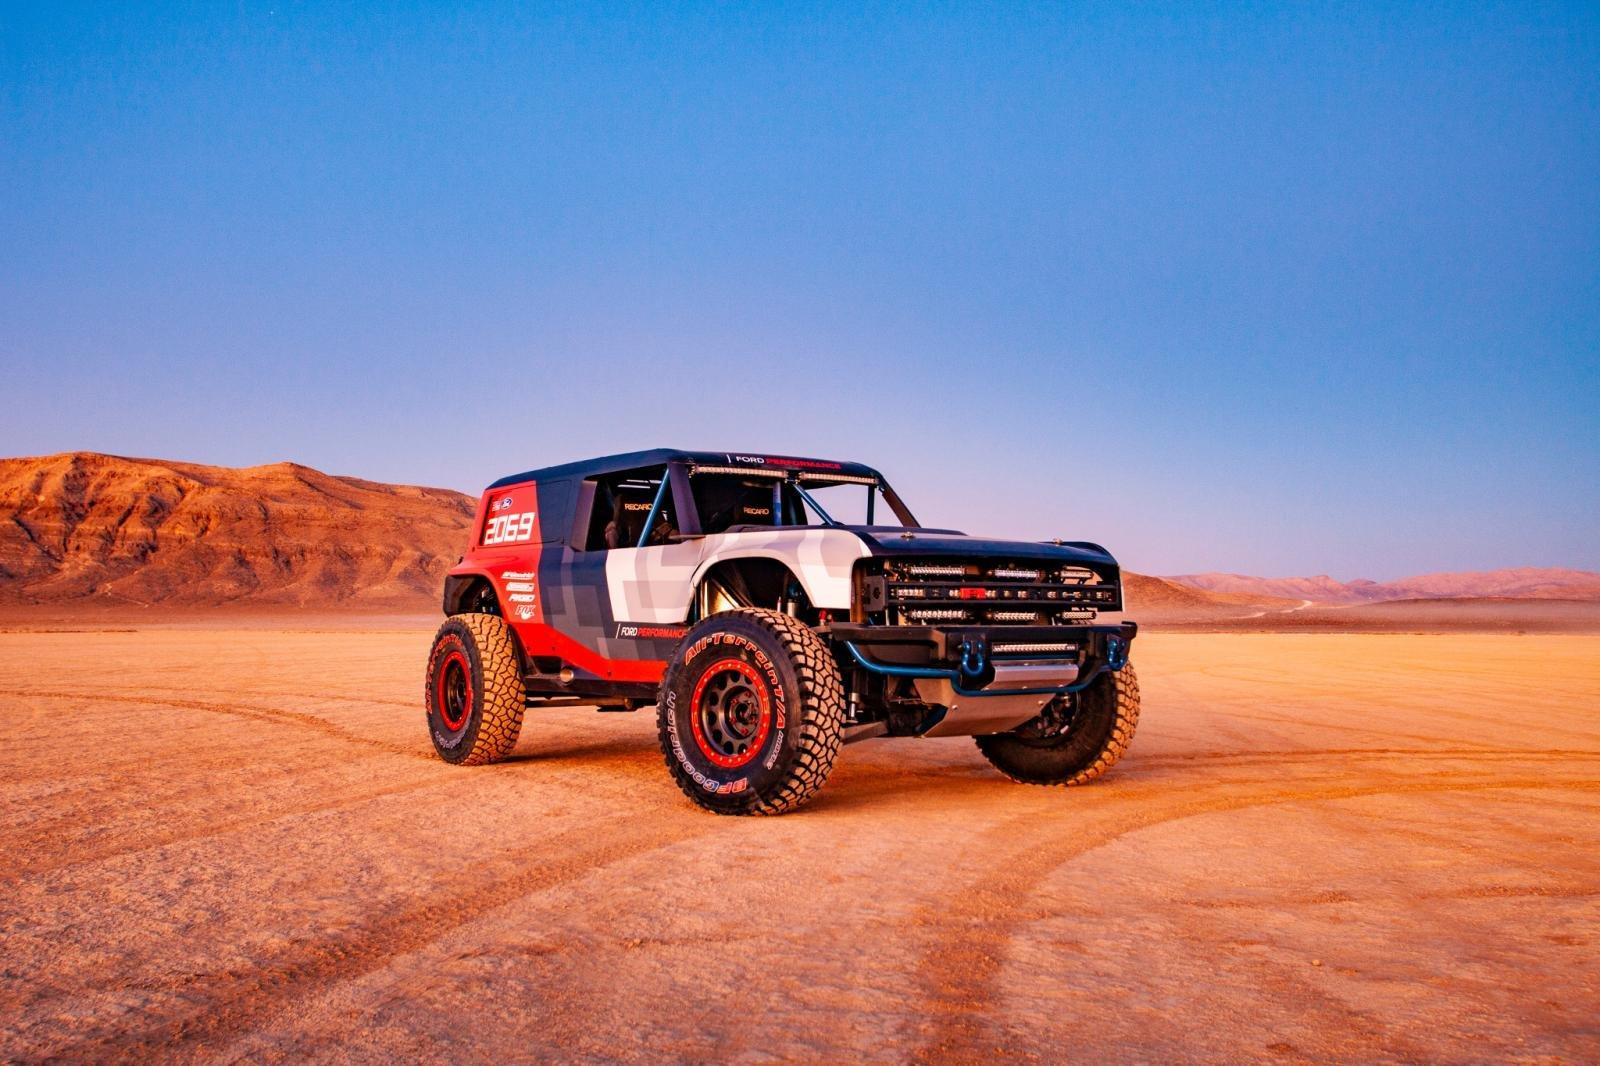 5 điều cần biết về SUV Ford Bronco 2020 - Sức mạnh mãnh liệt